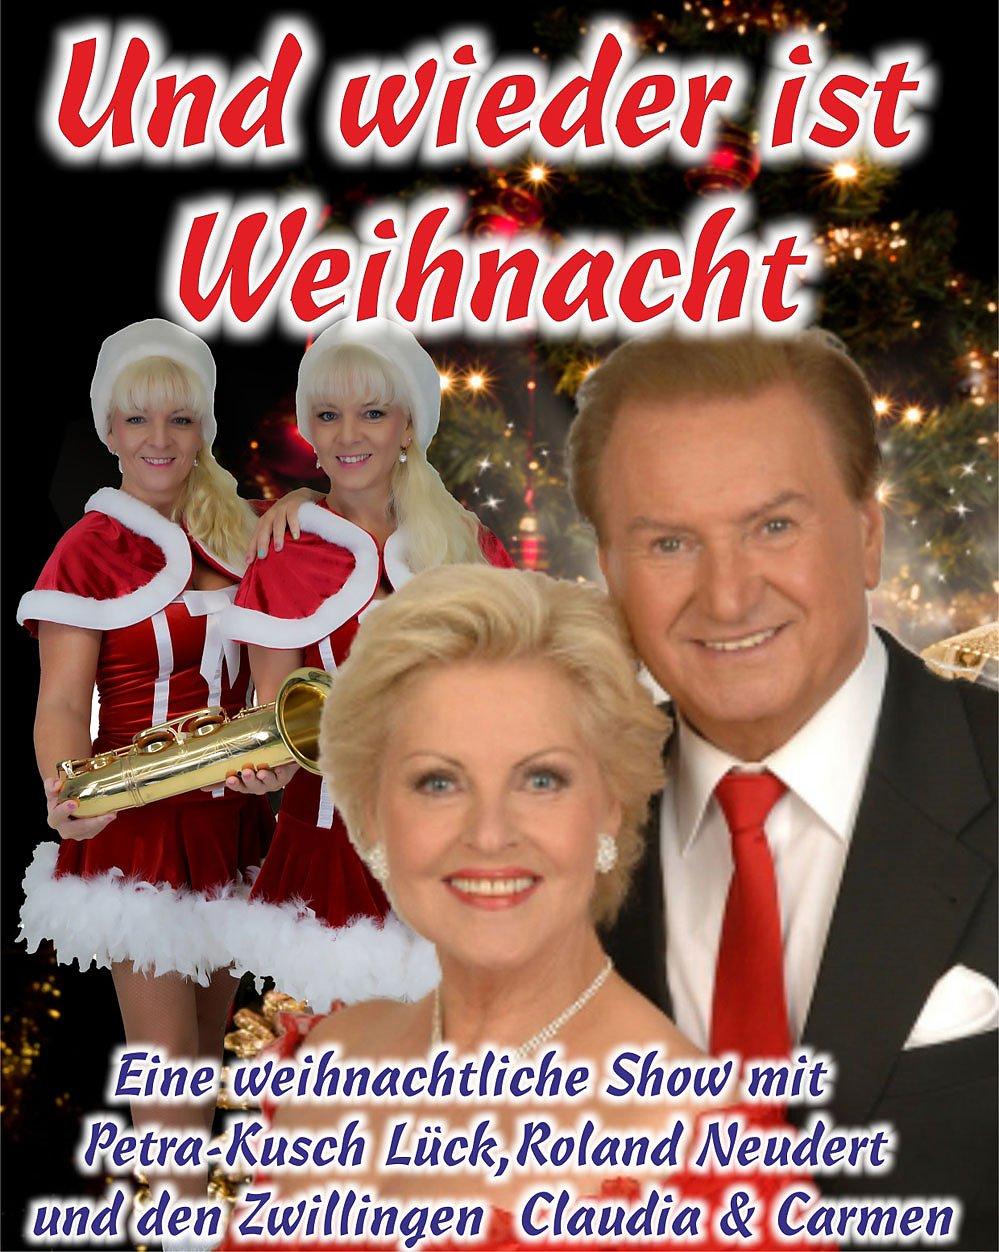 Petra Kusch-Lück kommt nach Bad Frankenhausen : 26.10.2020